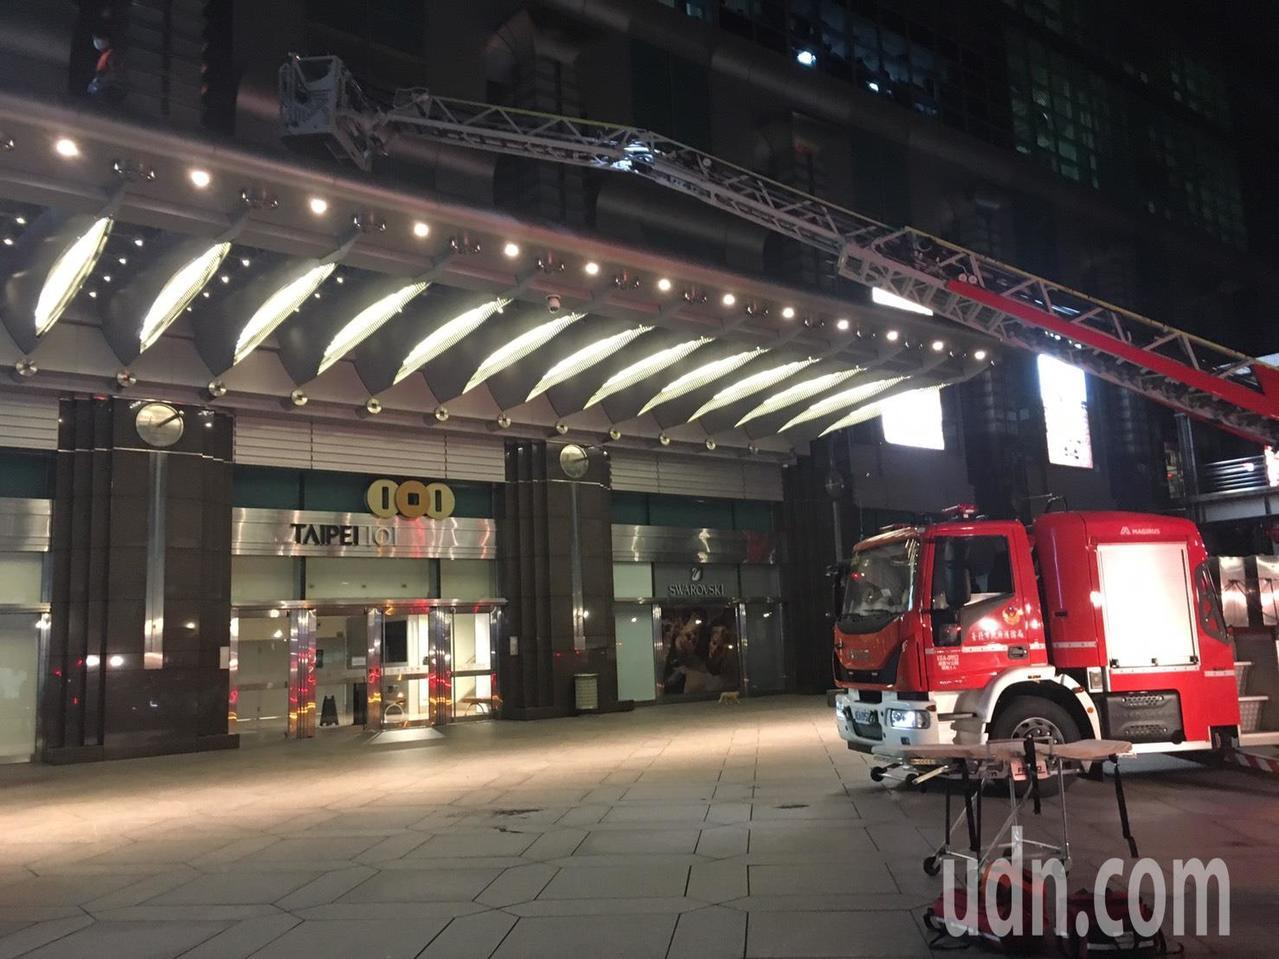 台北101工人吊掛換燈 凌晨6樓摔落頭破身亡